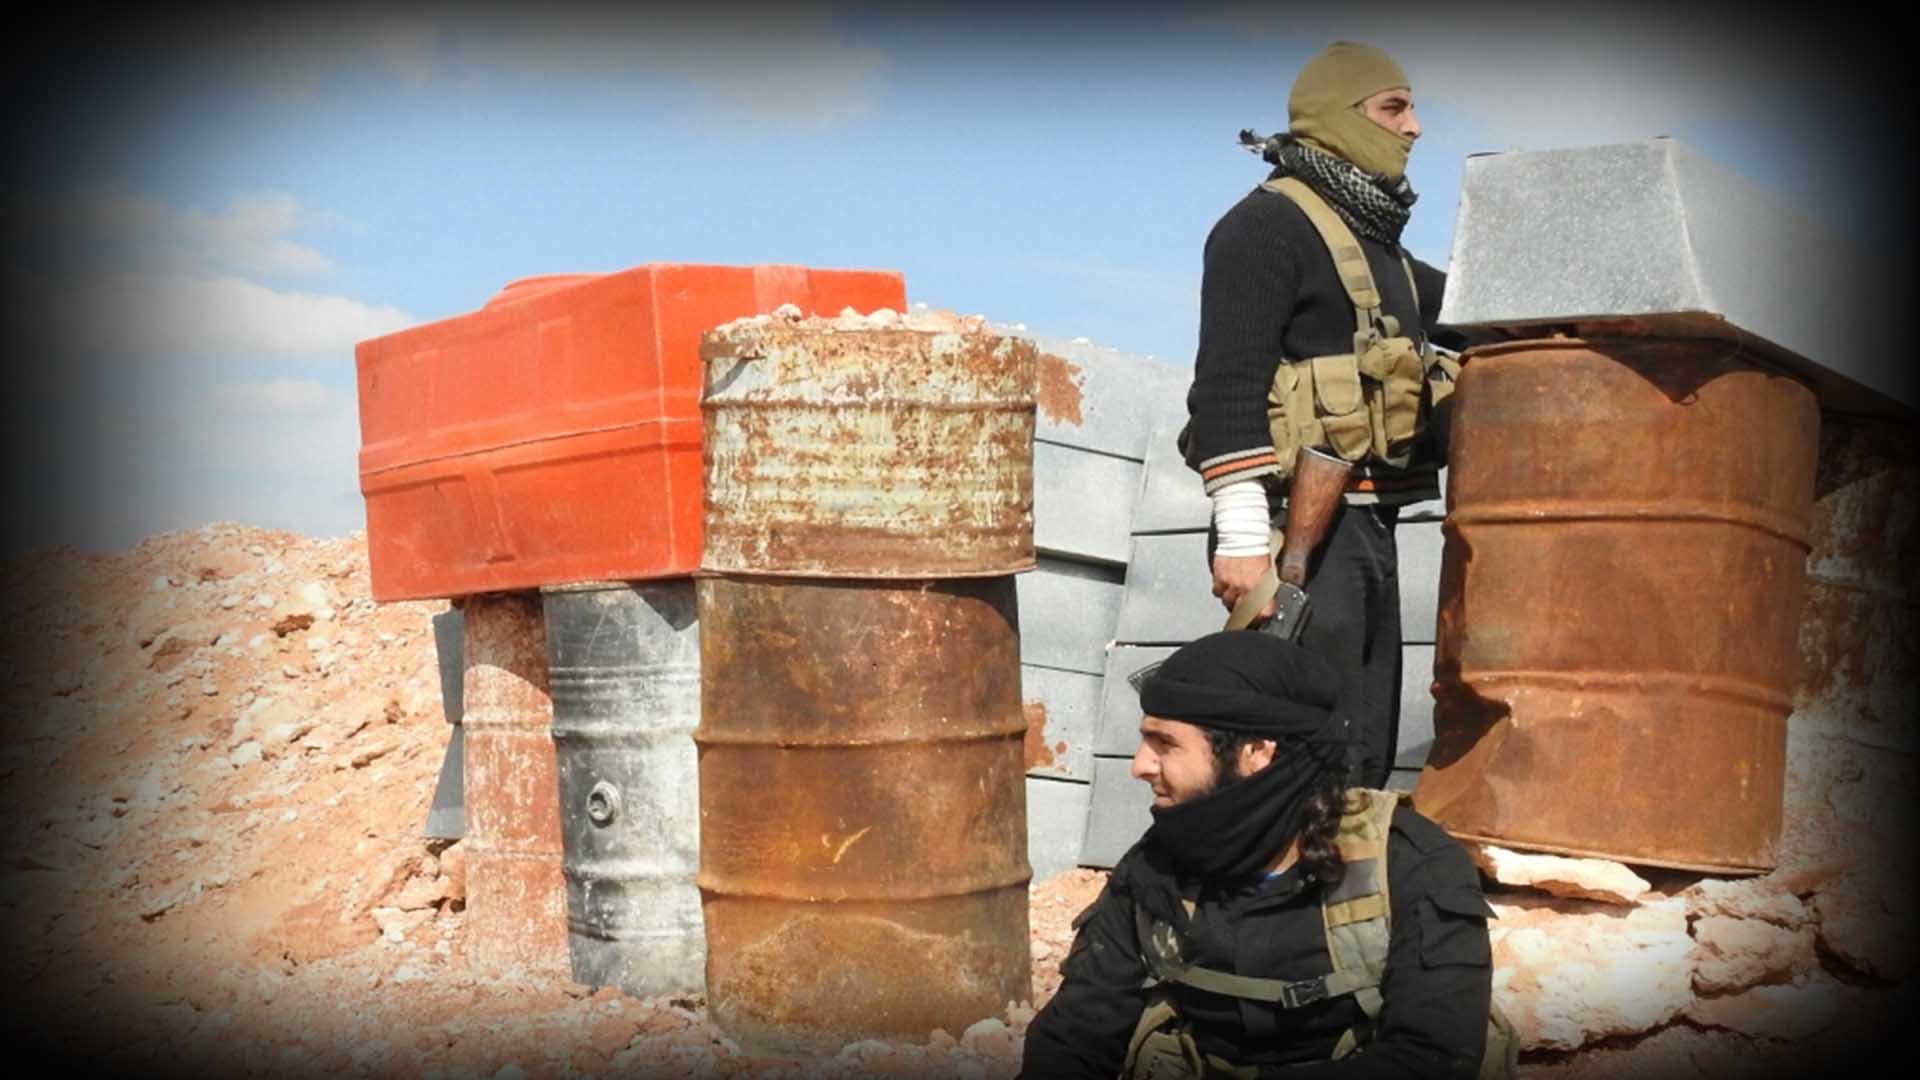 نفوذ تنظيم هيئة تحرير الشام المتداعي ومستقبله في إدلب